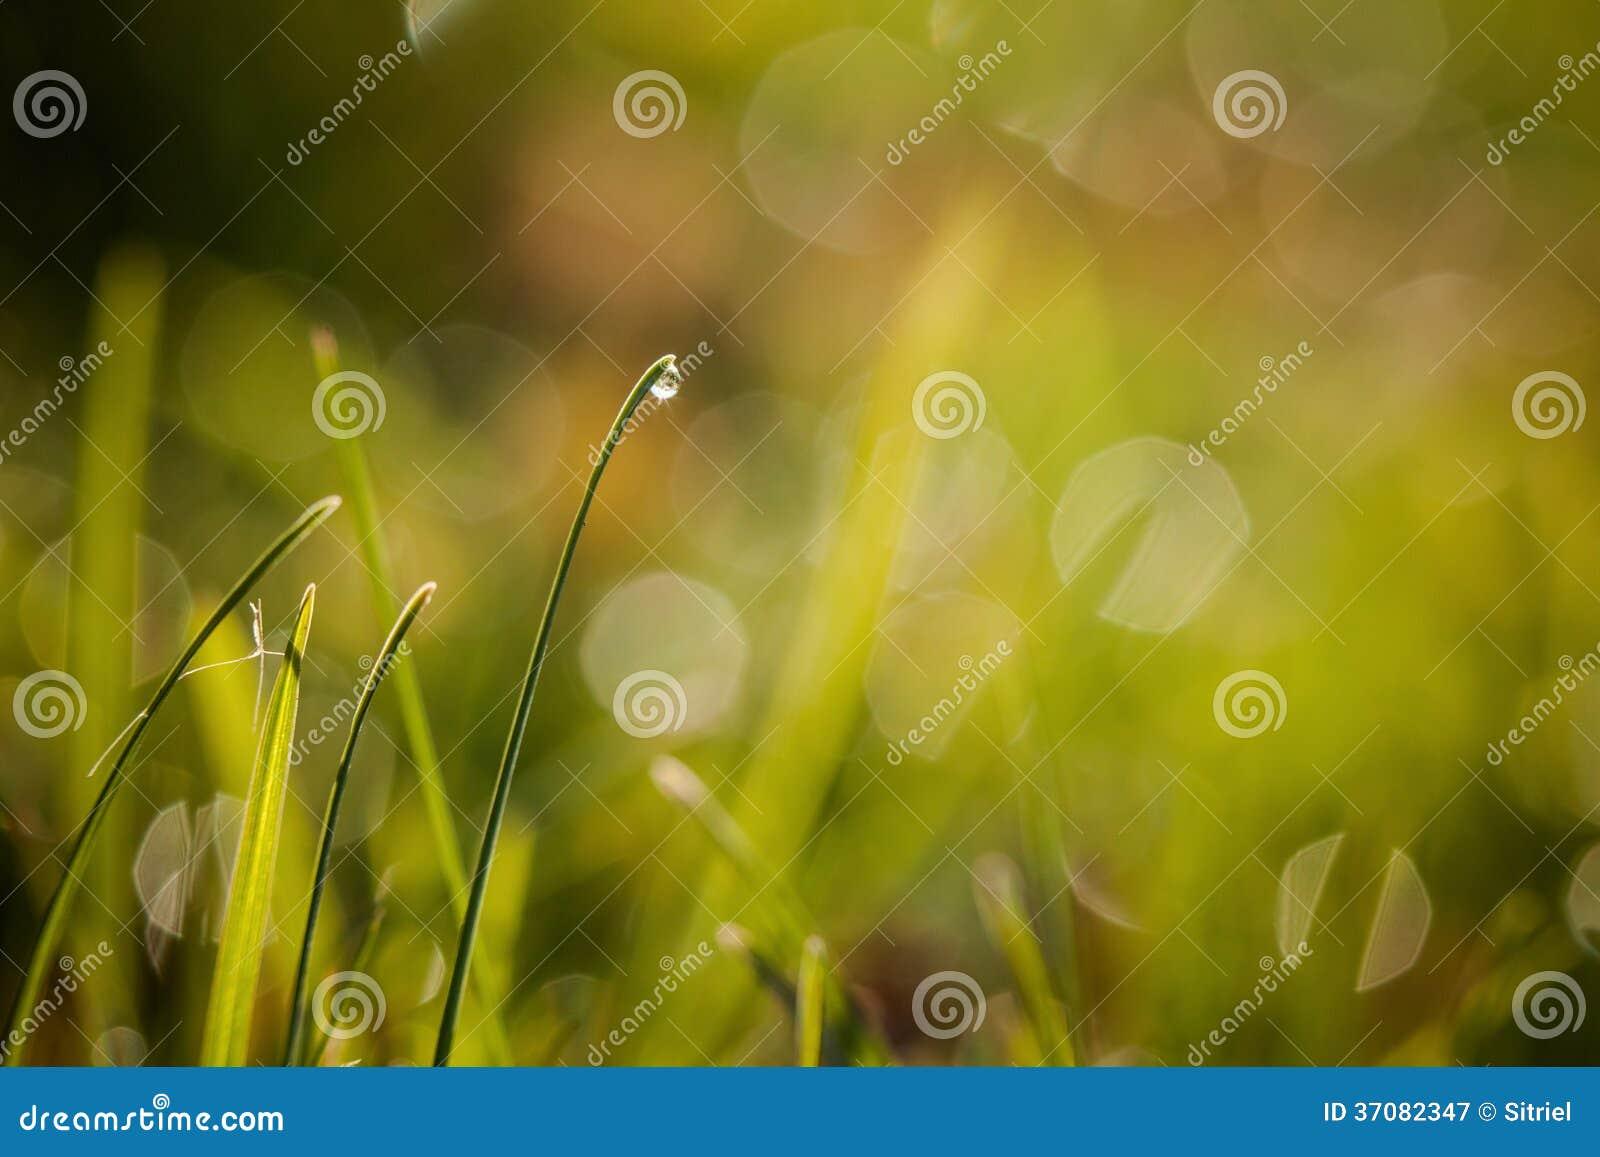 Download Zbliżenie waterdrops obraz stock. Obraz złożonej z zbliżenie - 37082347